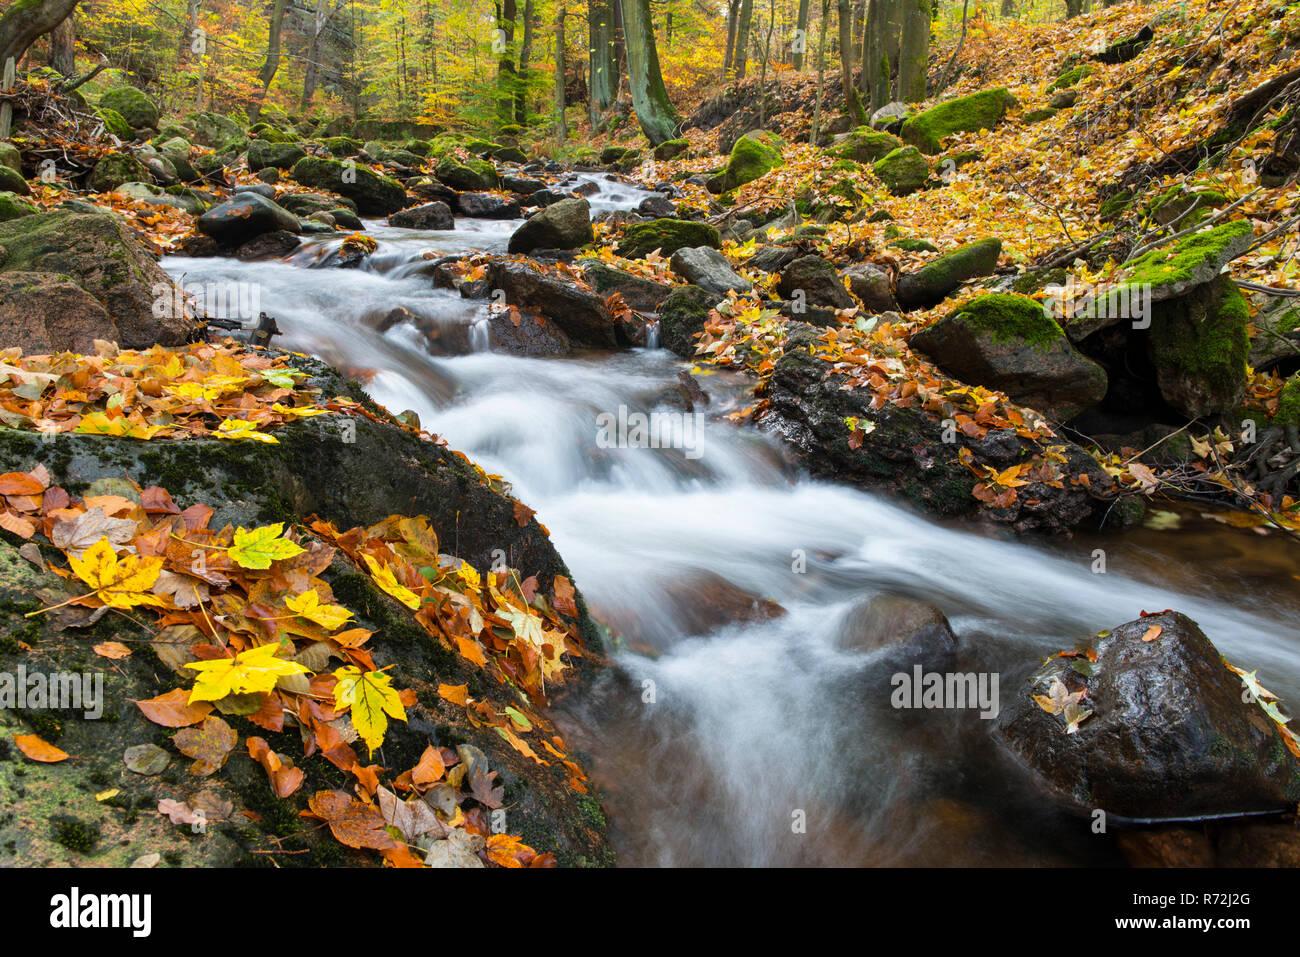 Bergbach, Fluss Ilse, Ilsenburg, Nationalpark Harz, Sachsen-Anhalt, Deutschland - Stock Image